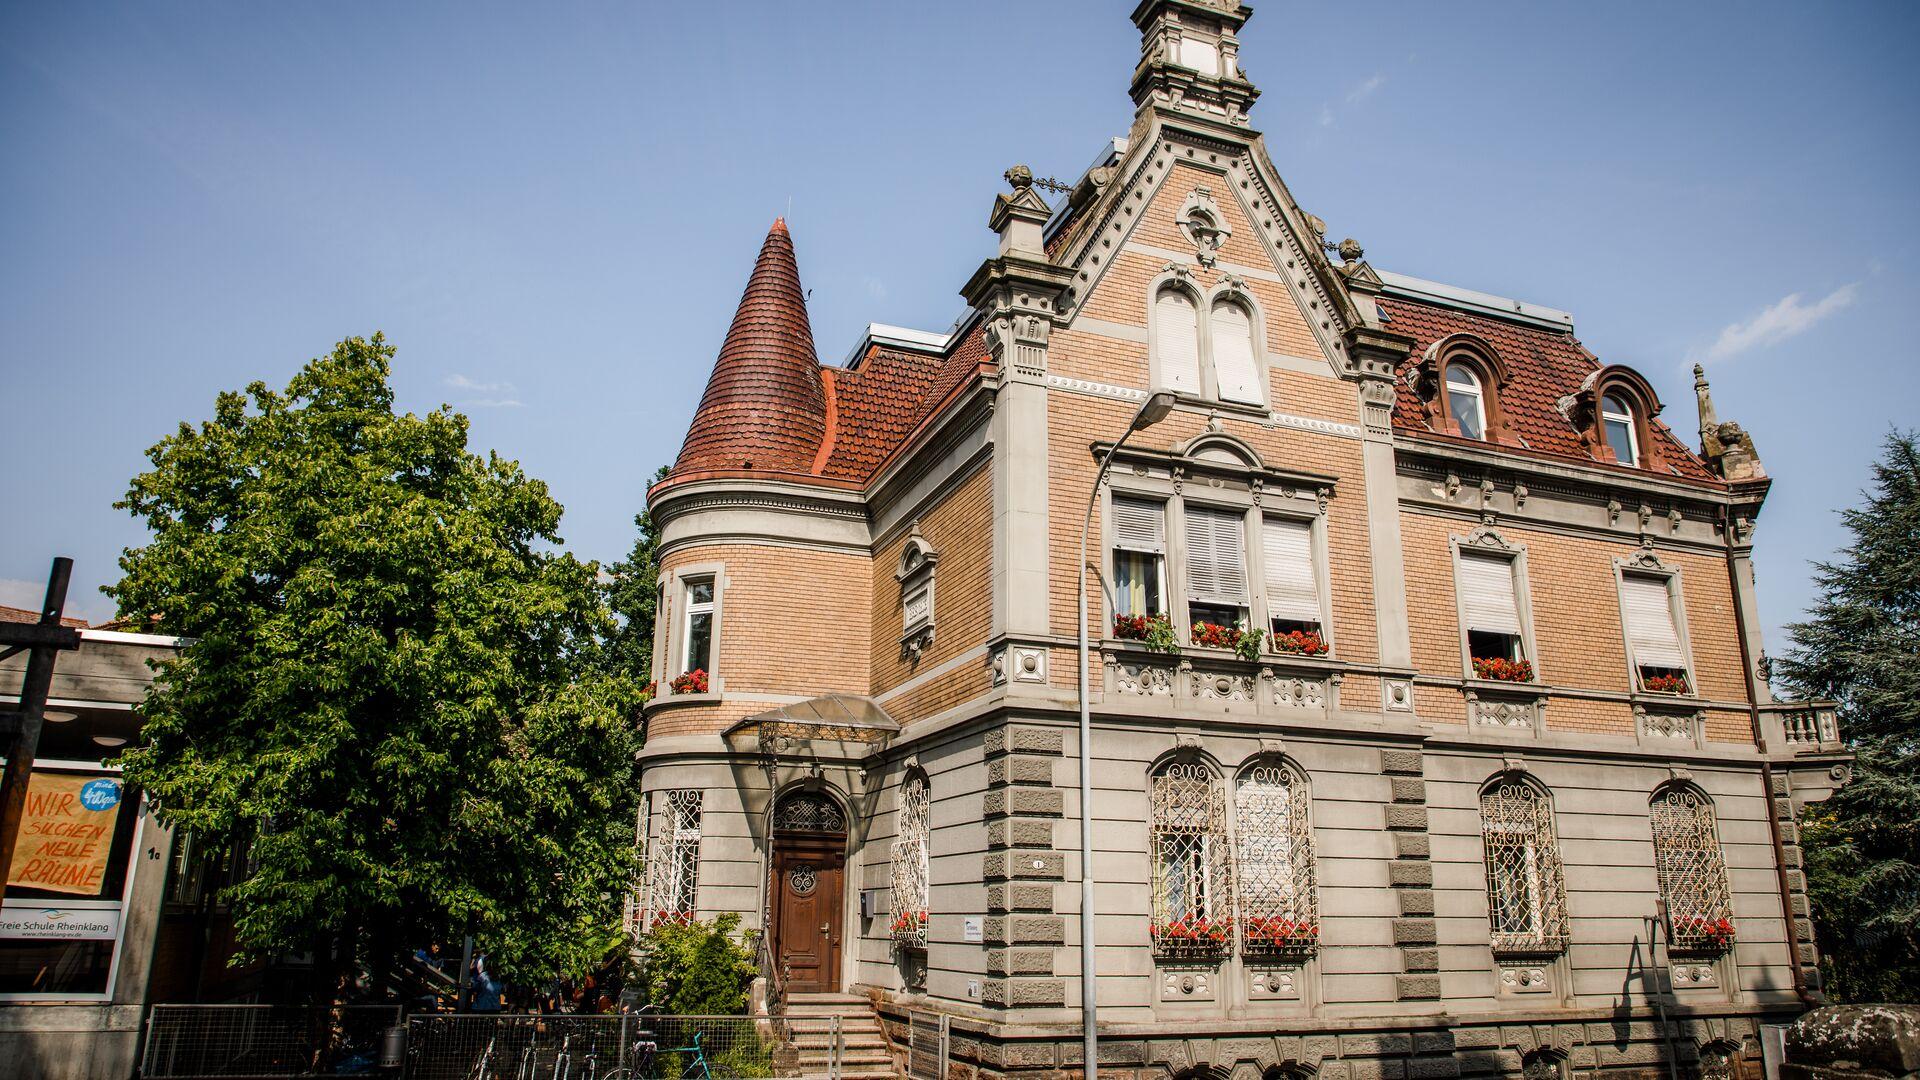 Sprachaufenthalt Deutschland, Radolfzell - Carlduisberg Centren Radolfzell - Schule